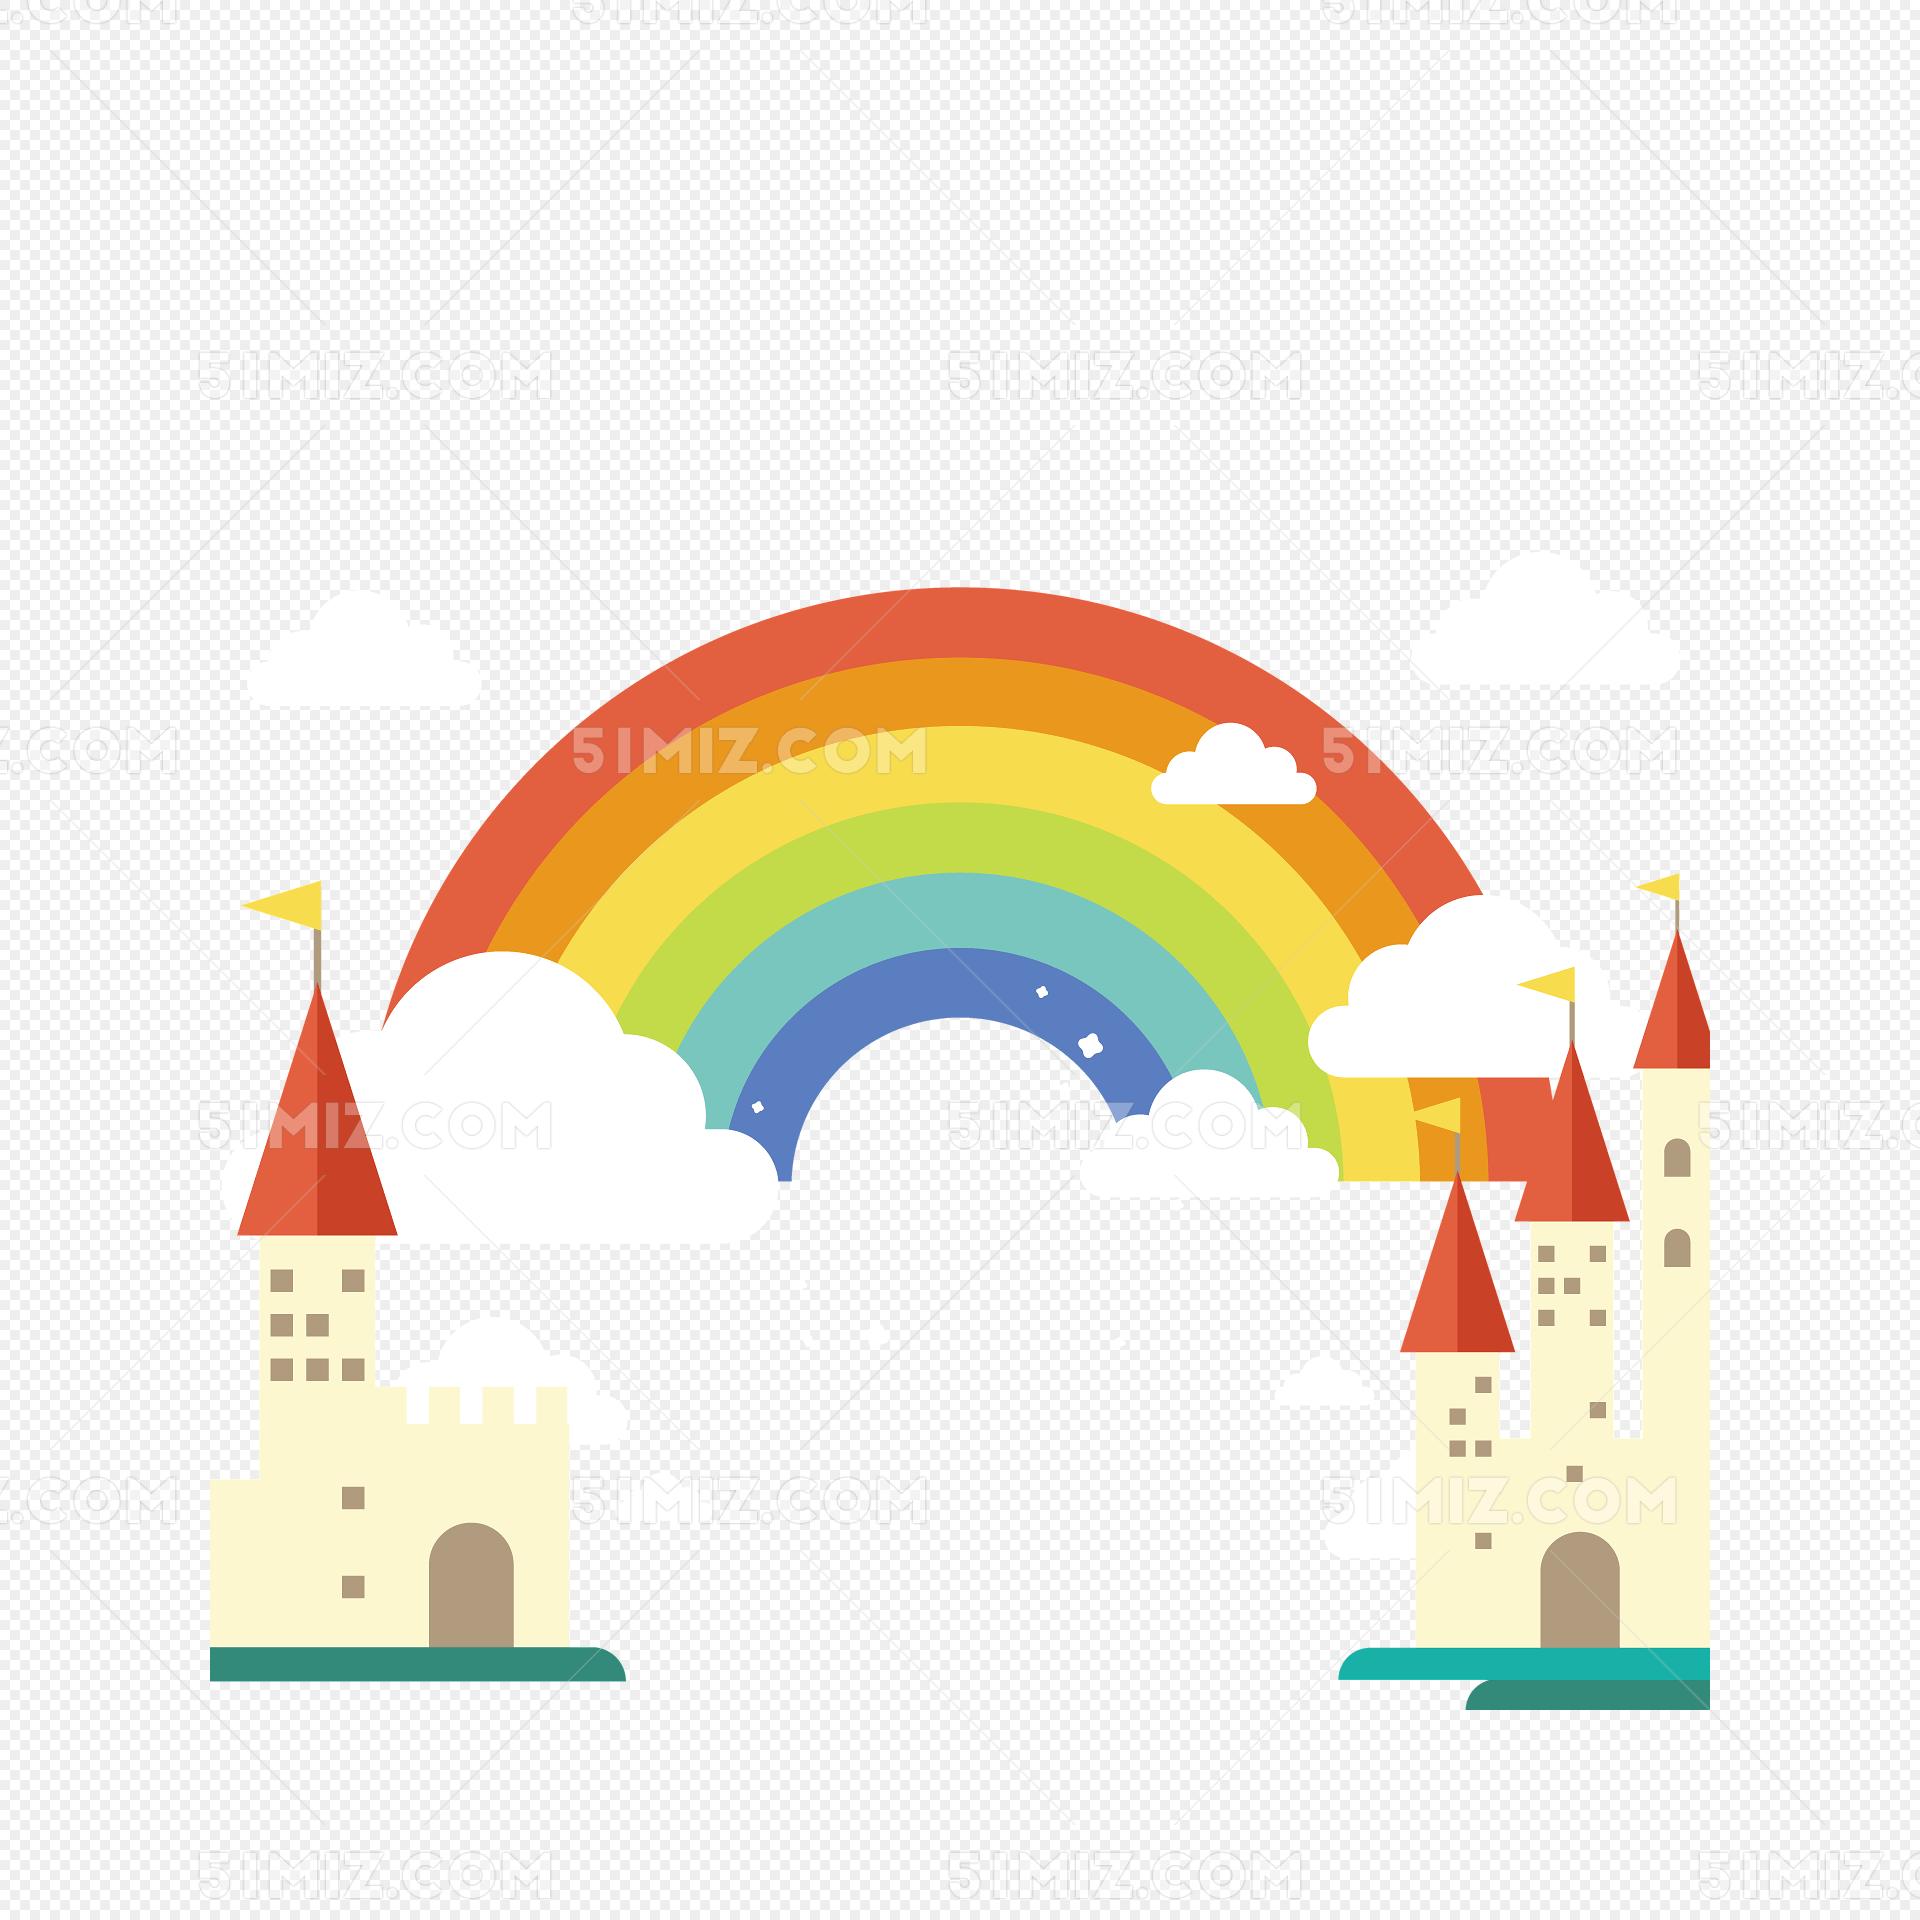 彩色魔法世界城堡矢量图